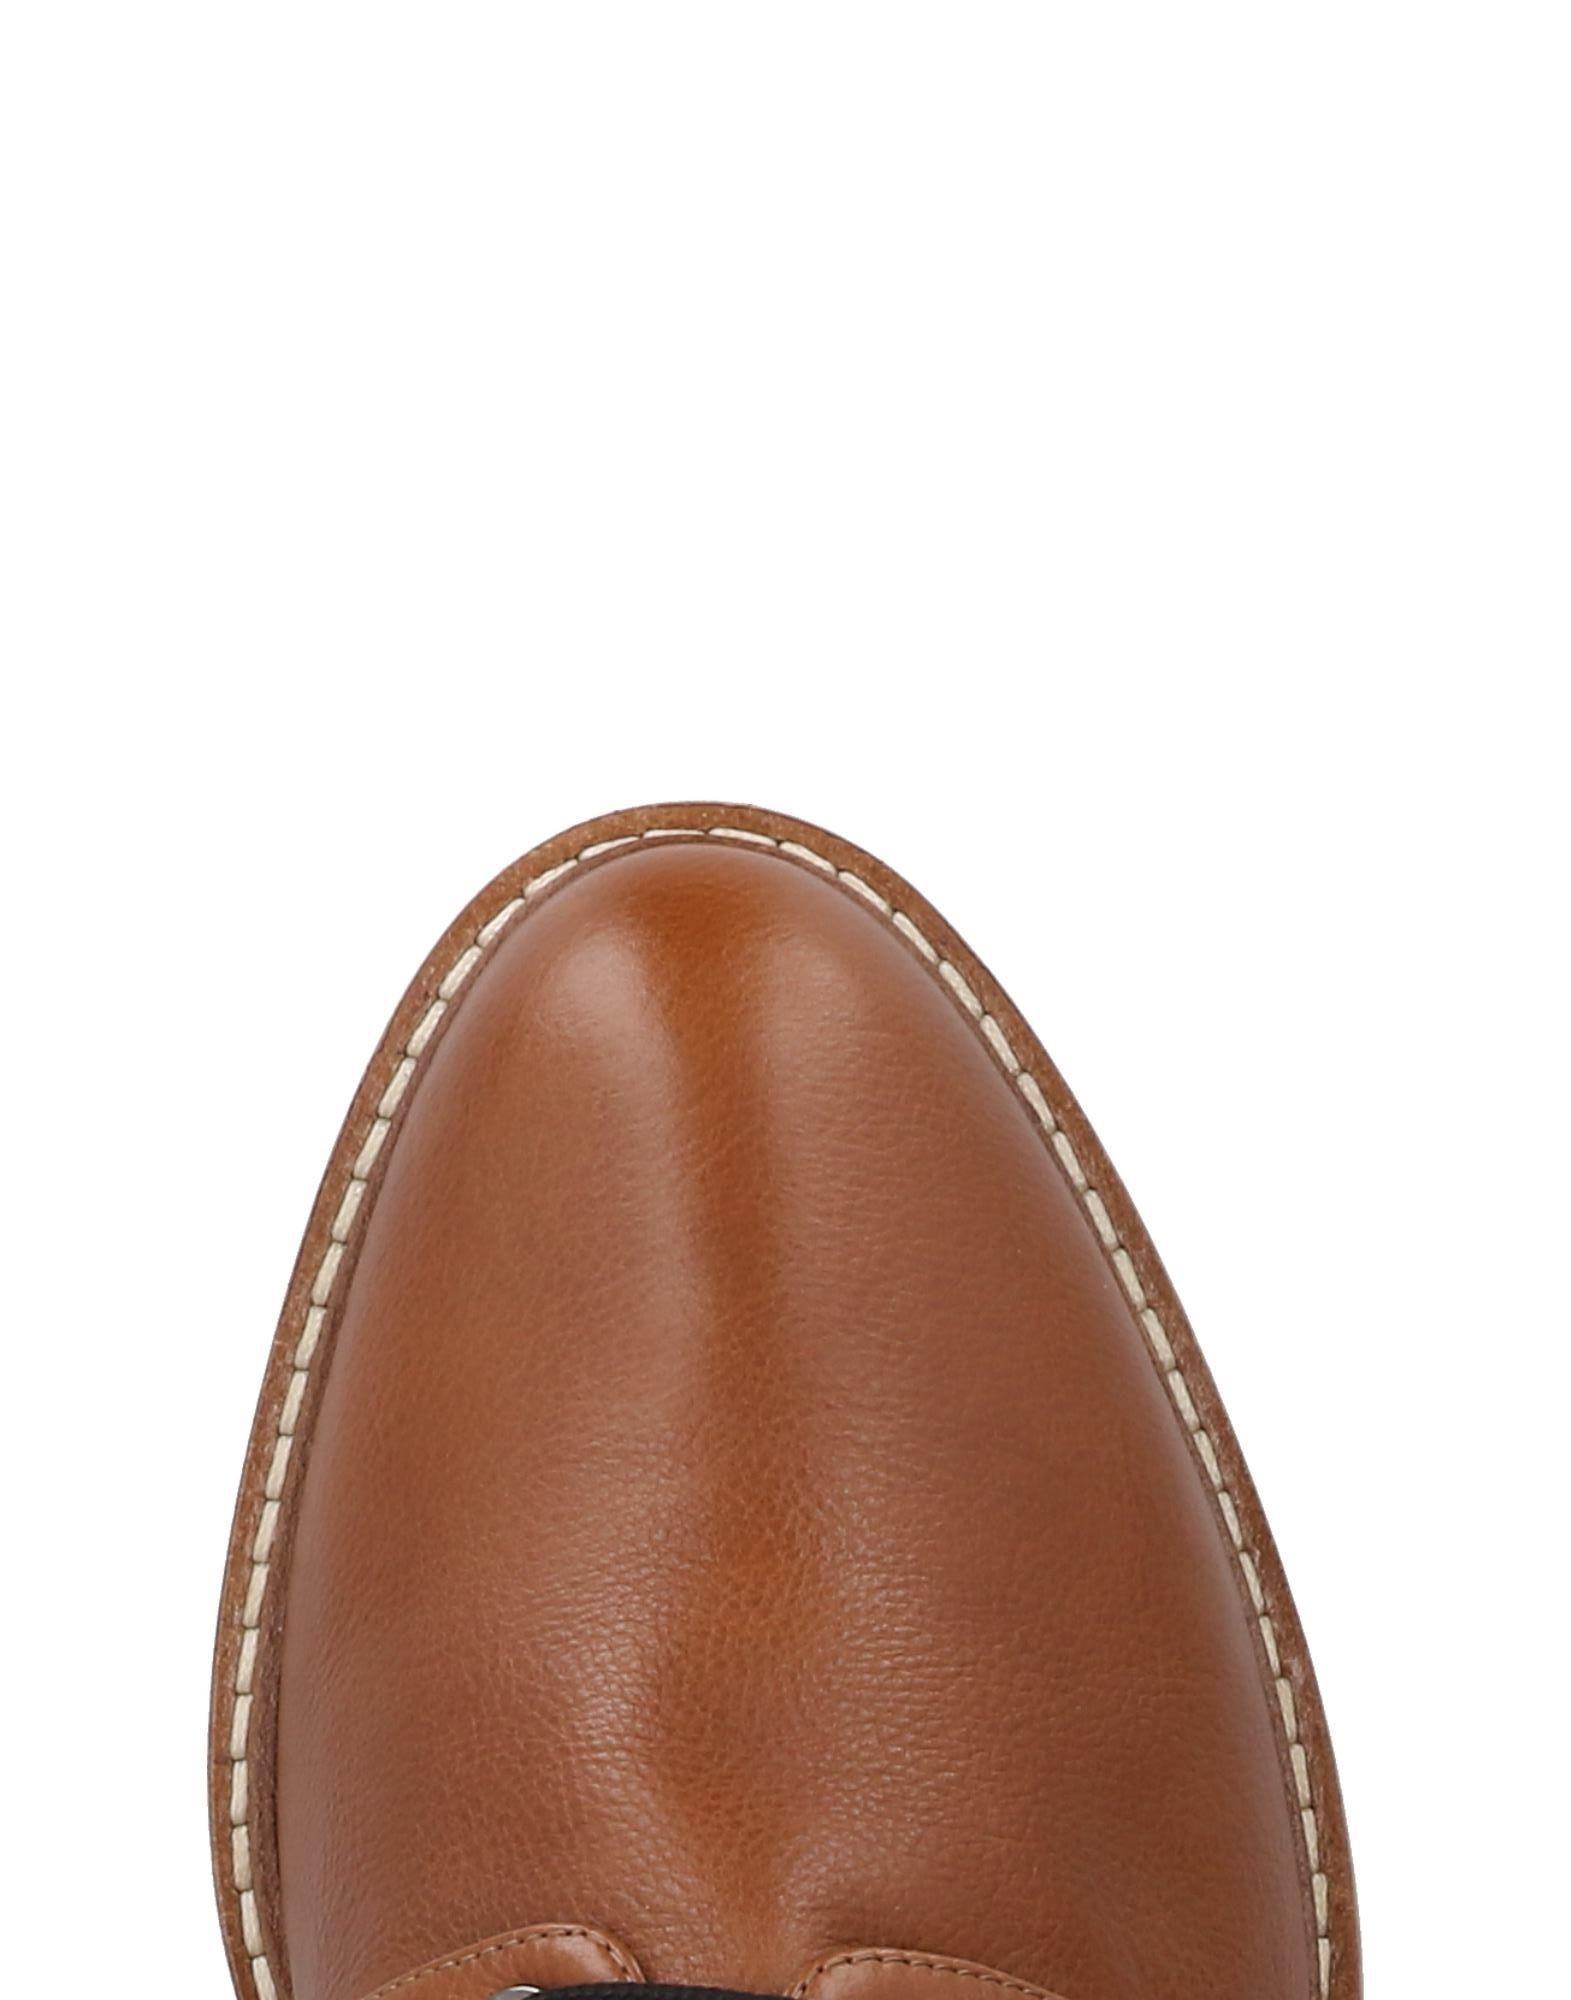 Sergio Cimadamore Schnürschuhe Damen   Damen 11494803WW Gute Qualität beliebte Schuhe a835bb